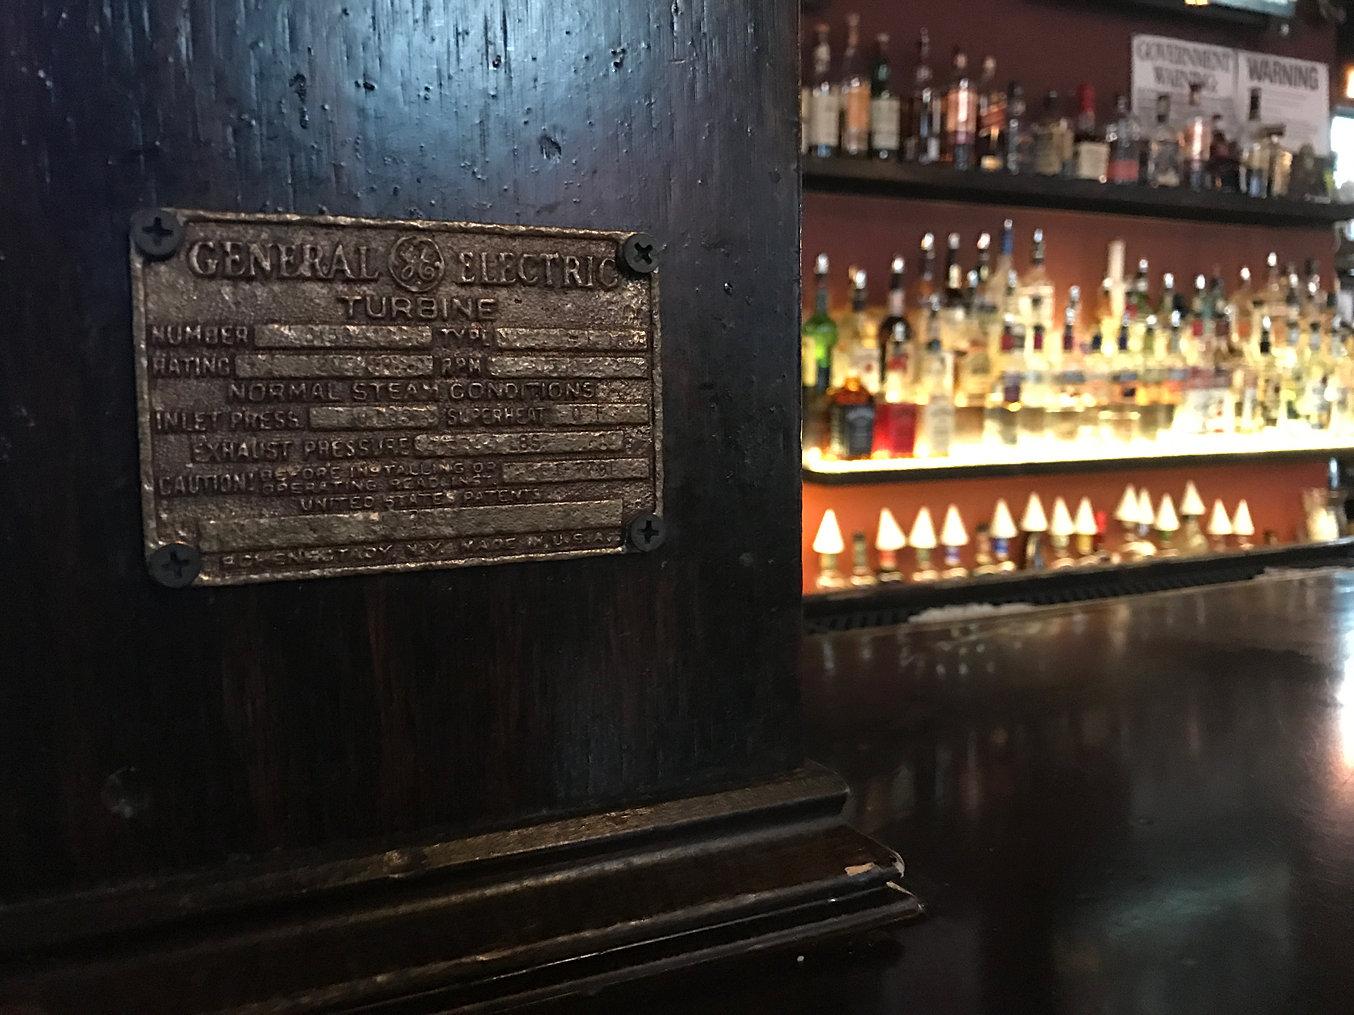 Centre Street Pub - Schenectady